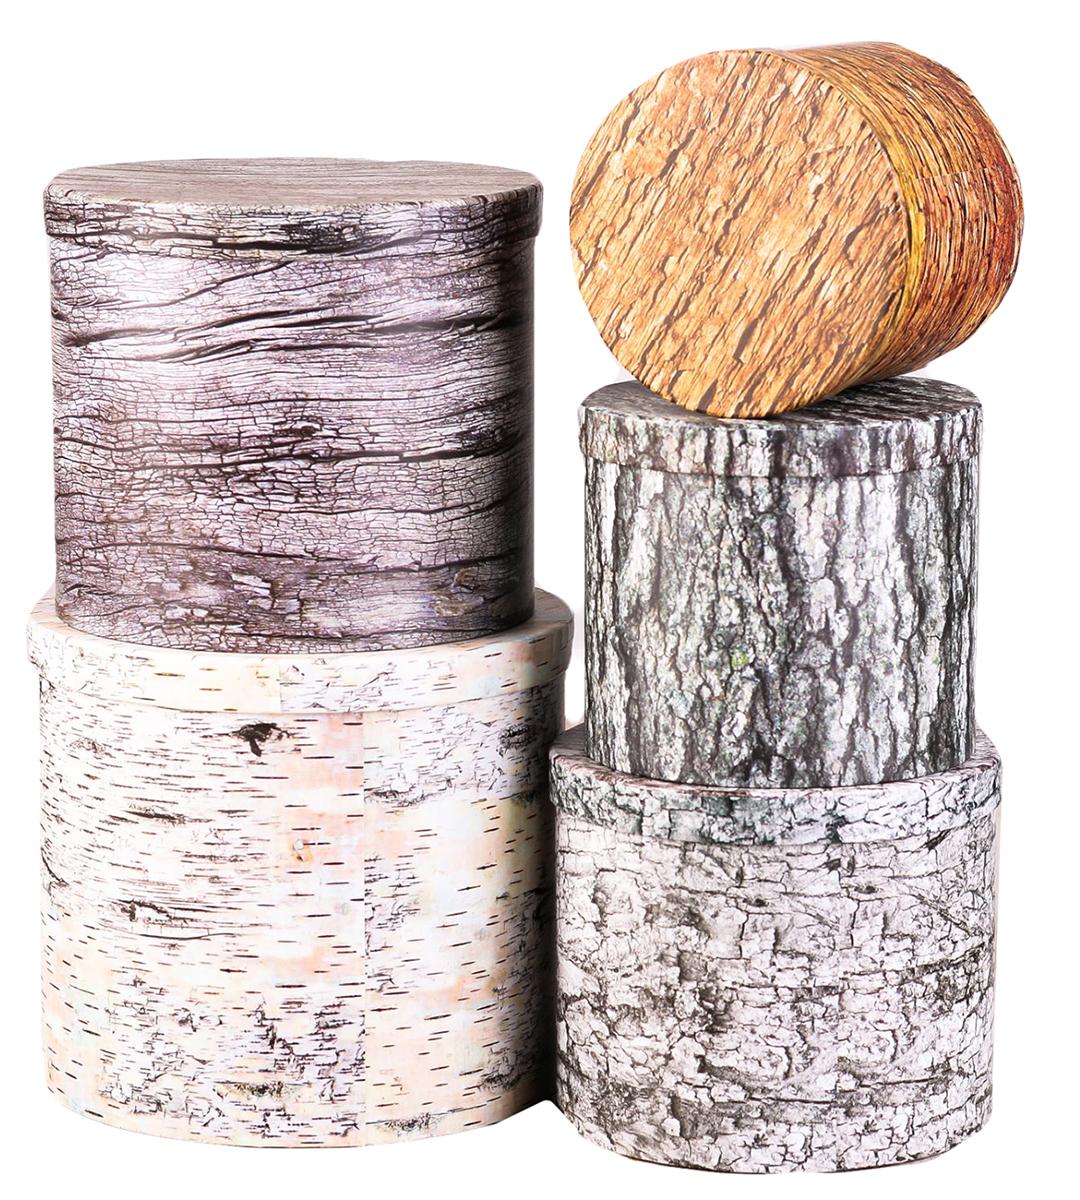 Набор коробок Дарите Счастье 5 в 1 Текстурные, круг2291179Шляпные коробки — новое решение для оформления букетов. Такая композиция выглядит оригинально и стильно. Удобная упаковка защищает цветы во время переноски.При наличии флористической губки изделие можно использовать в качестве вазы. Кроме редкого полива и сбрызгивания растения не потребуют особенного ухода. Букет надолго сохранит свежесть и красоту.